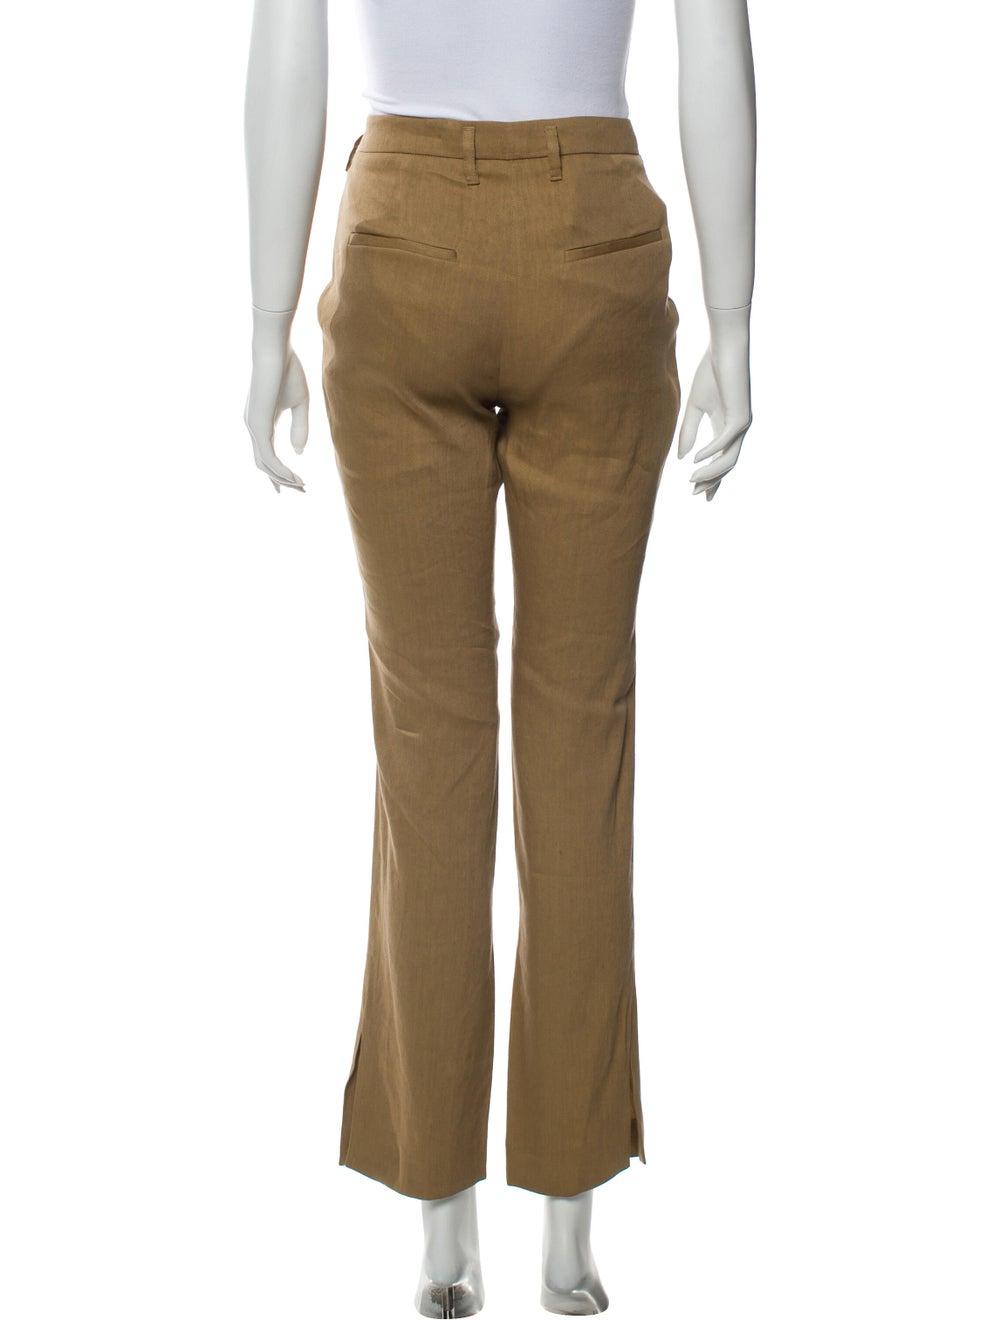 Arjé Vintage Flared Pants Brown - image 3